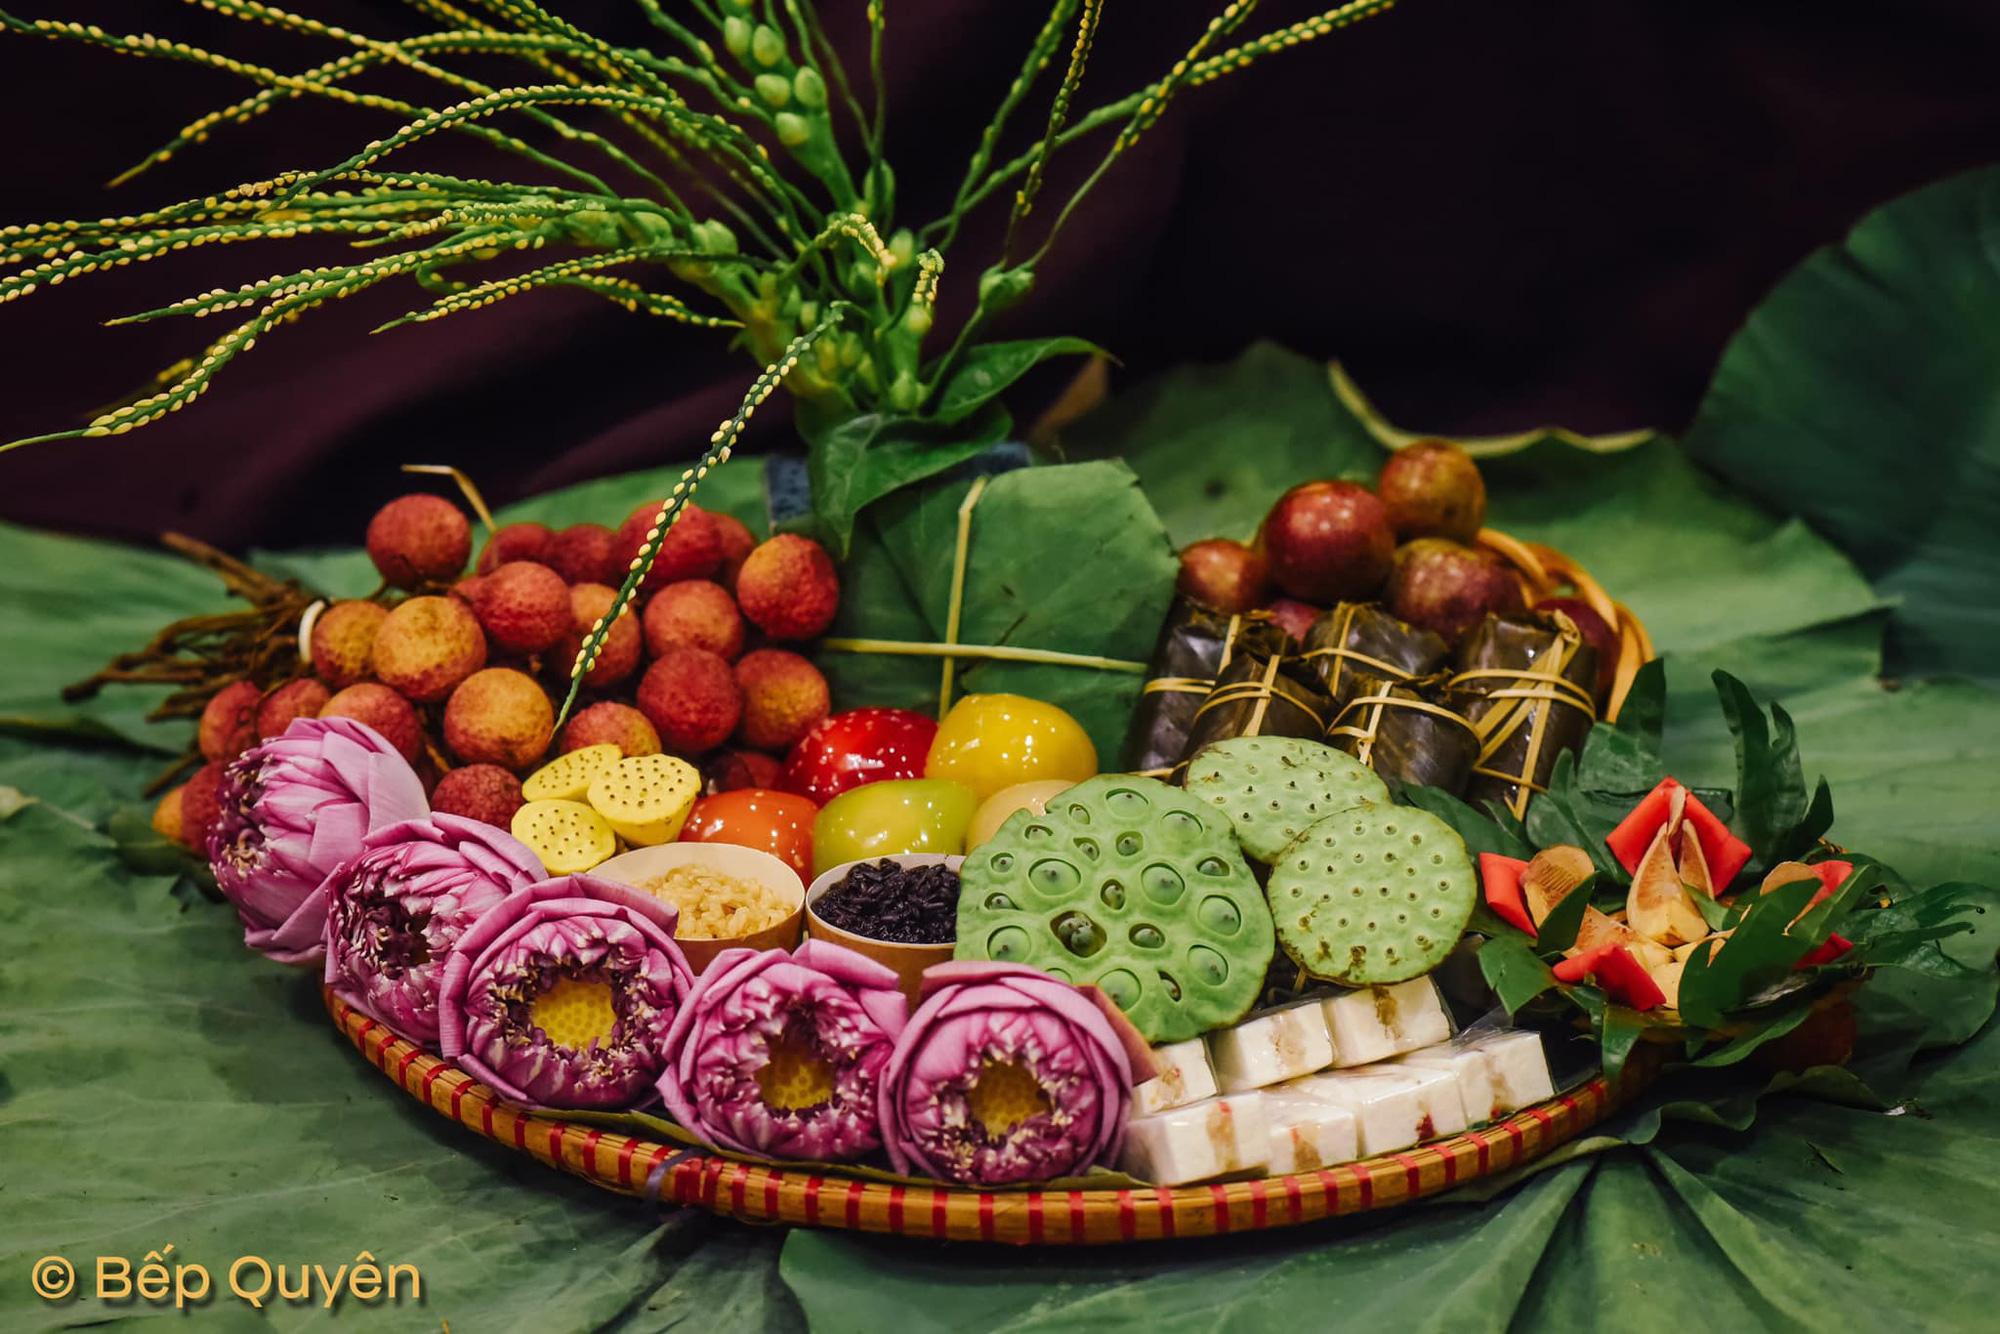 Mâm lễ hoa quả, rượu nếp sốt xình xịnh ngày Tết Đoan Ngọ, người bán chốt đơn không xuể - Ảnh 6.